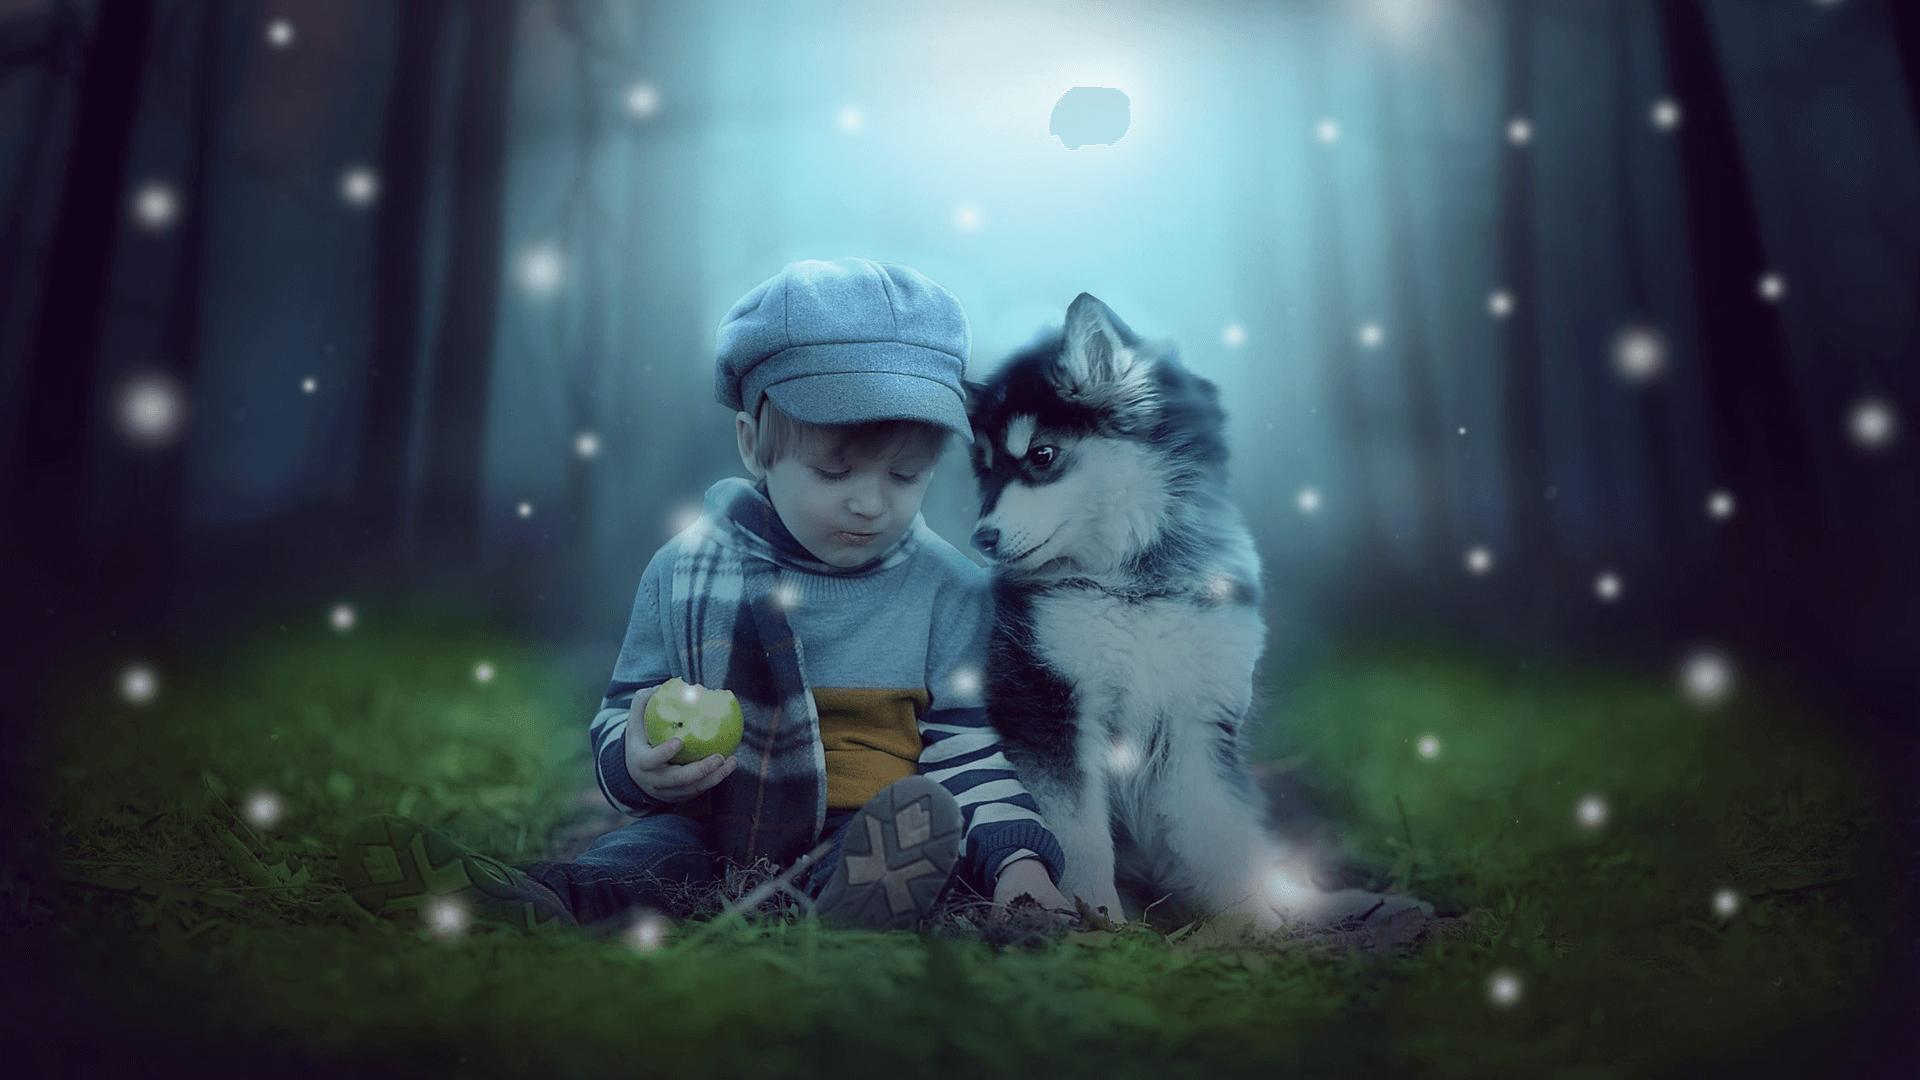 Dlatego wiem, że przy dziecku warto mieć psa